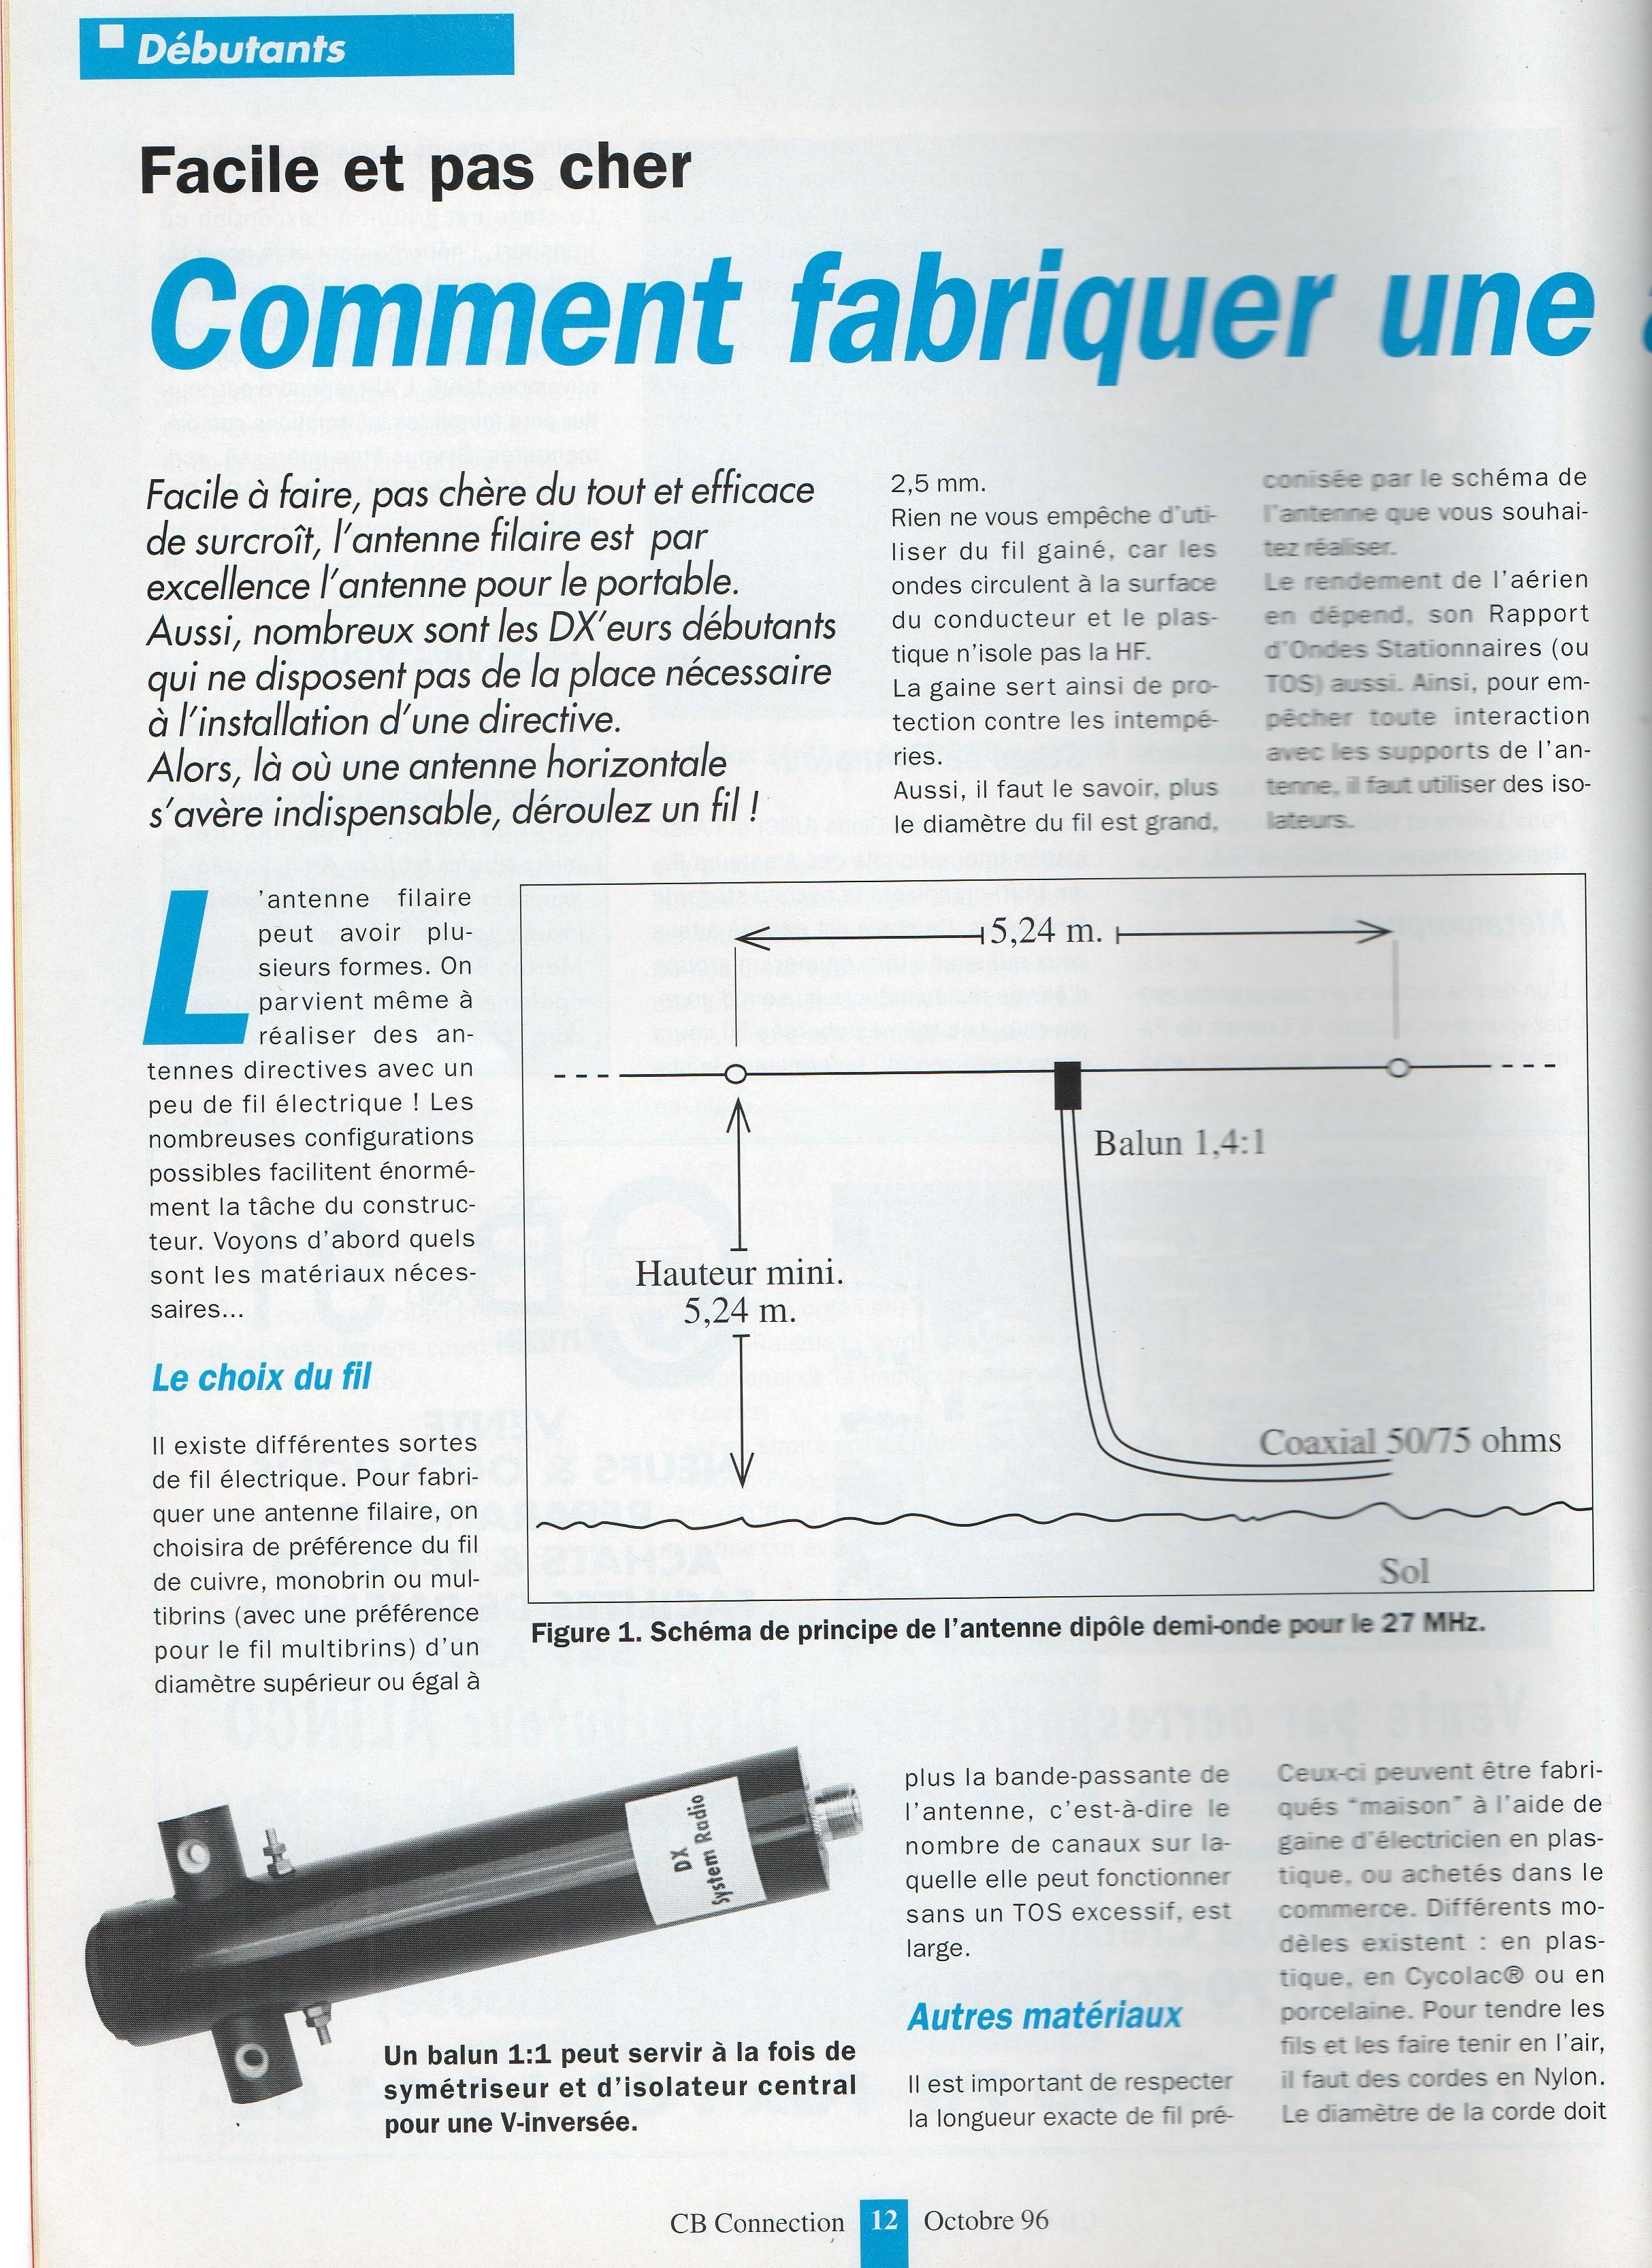 Comment fabriquer une antenne cibi